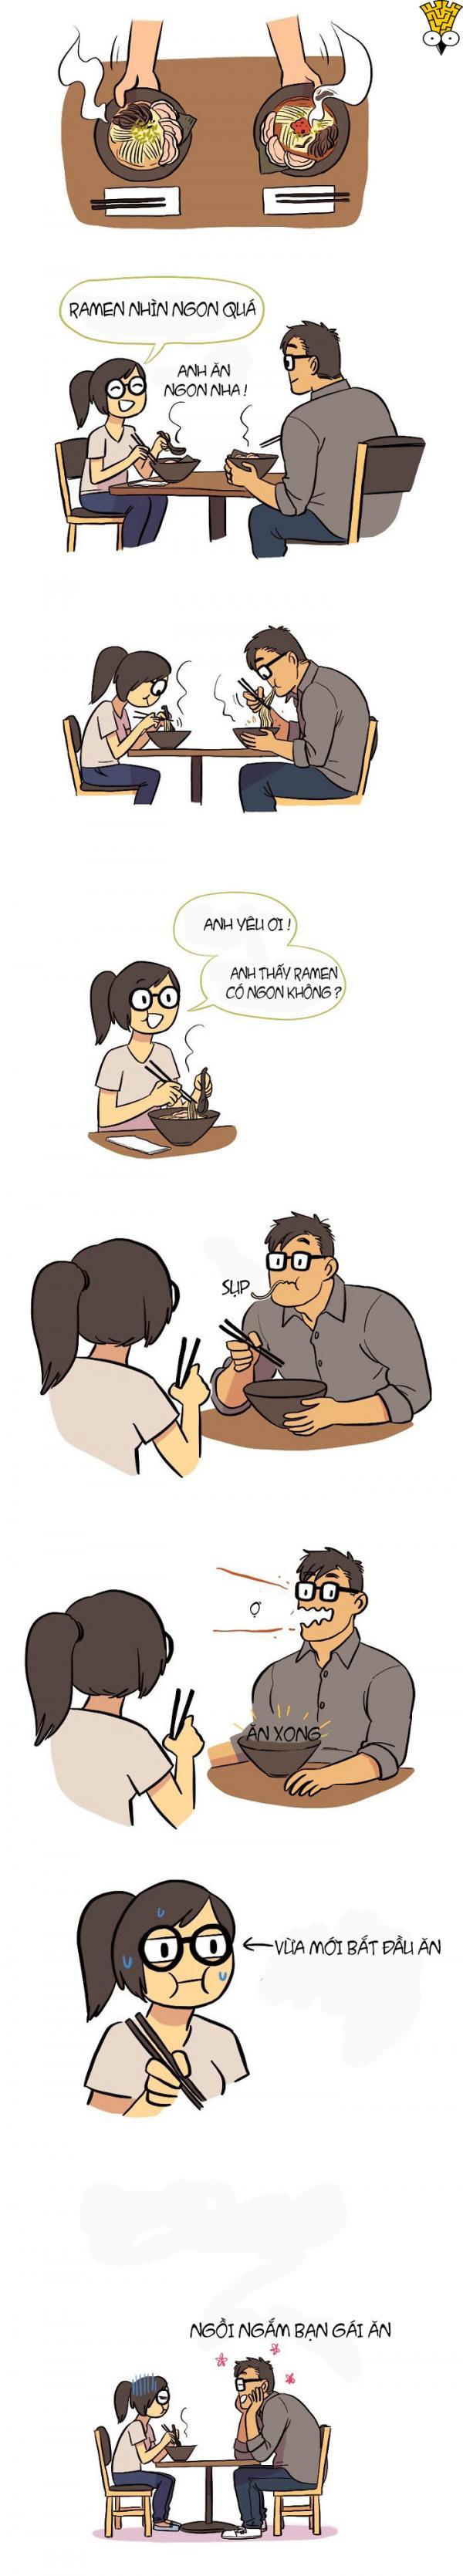 Truyện tranh: Tình yêu giữa chàng I.T và nàng họa sĩ thì như thế nào?